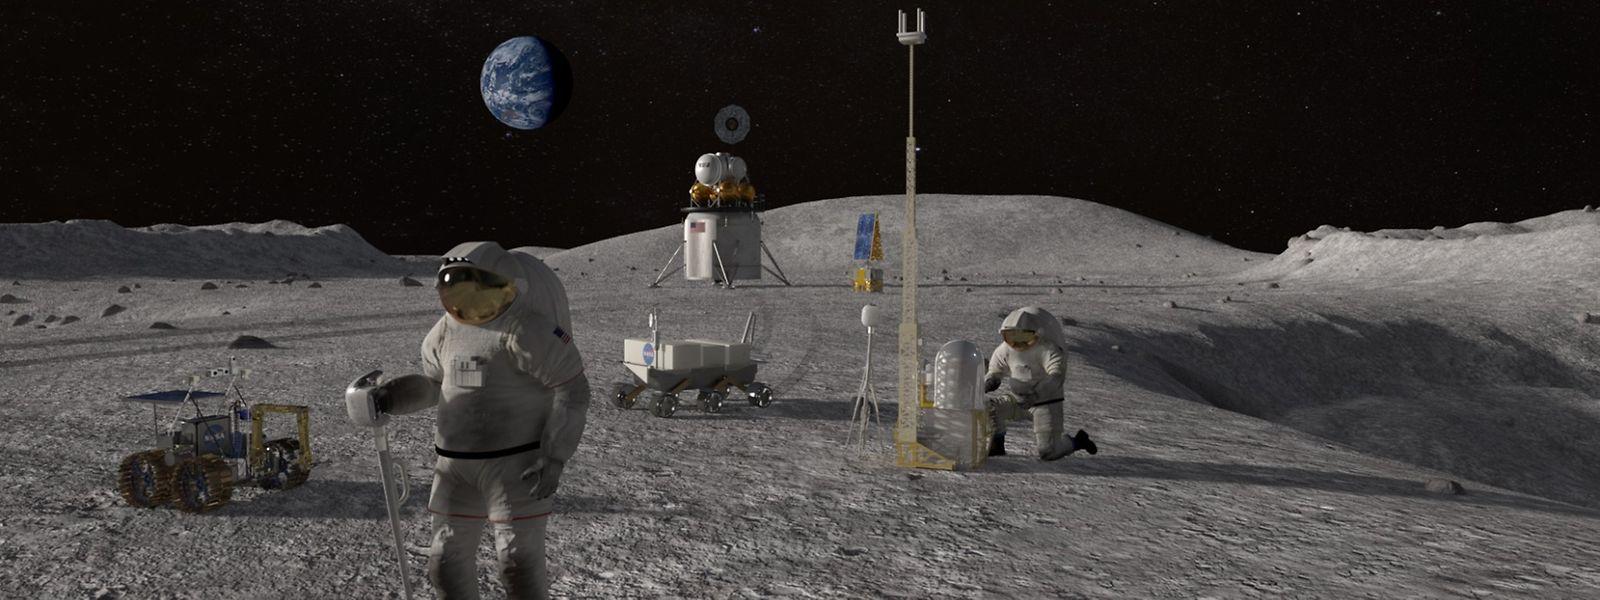 La Nasa considère le programme Artemis comme «le premier pas d'une nouvelle ère dans l'exploration spatiale»